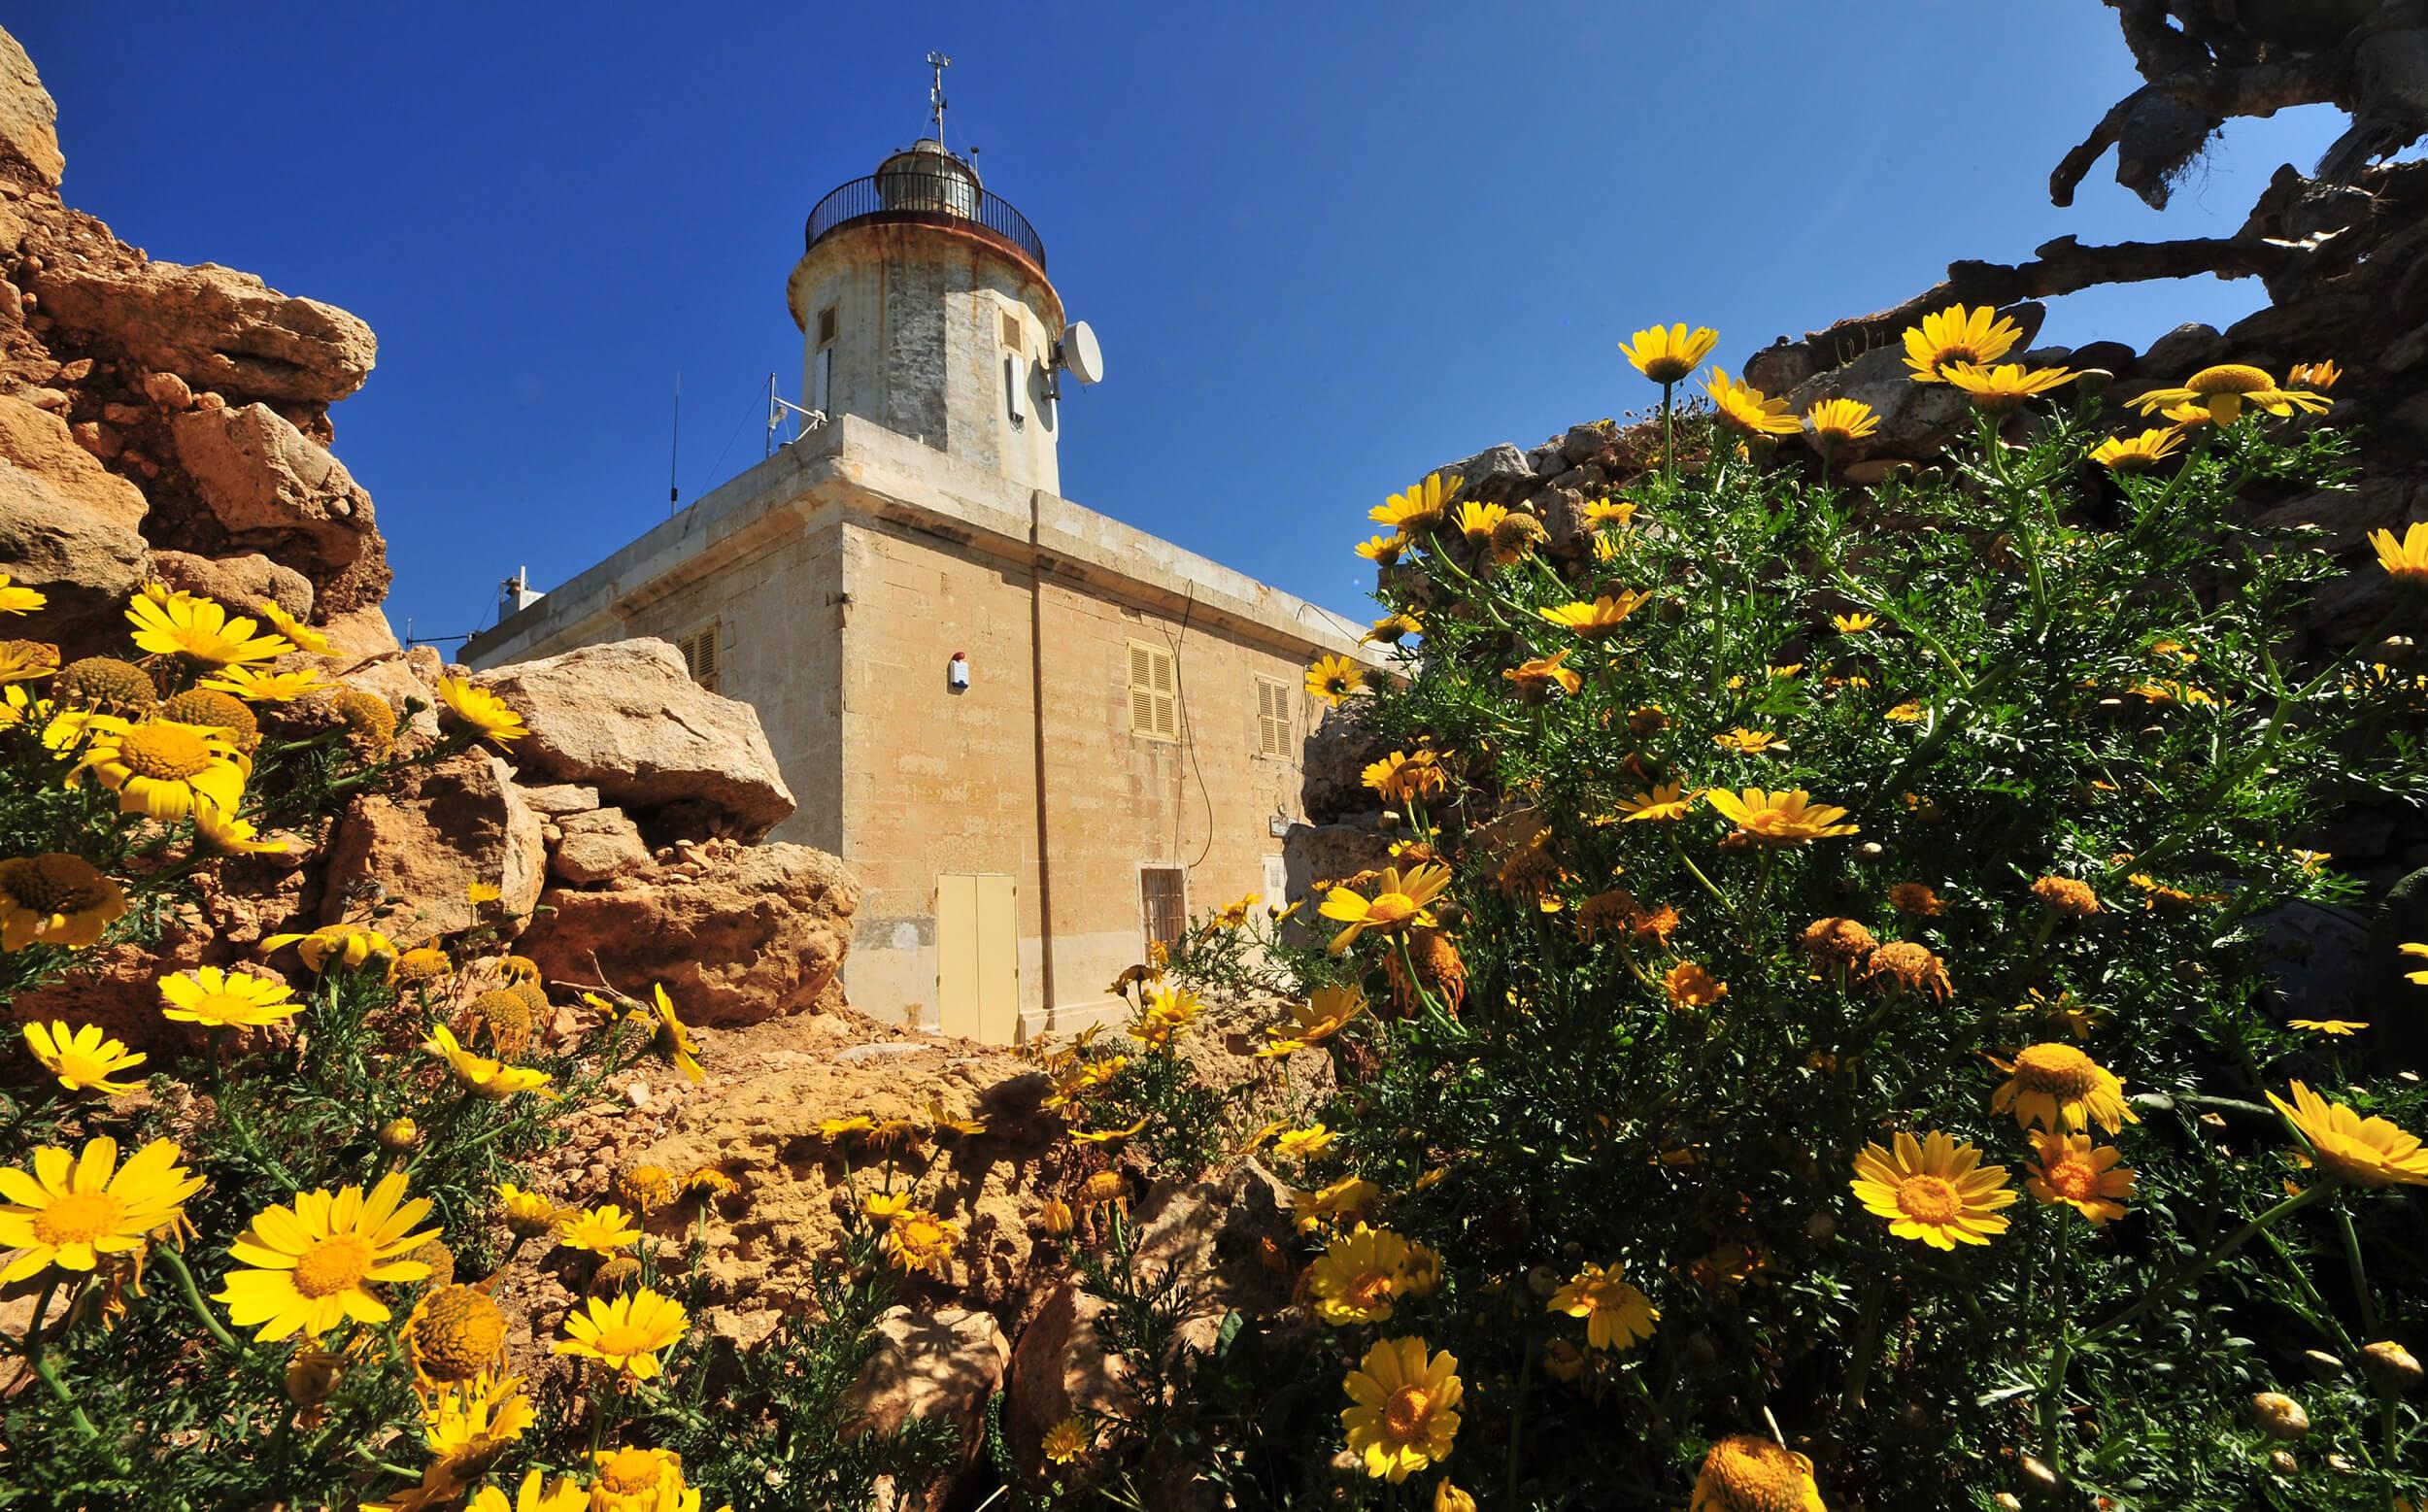 Lighthouse Ghasri